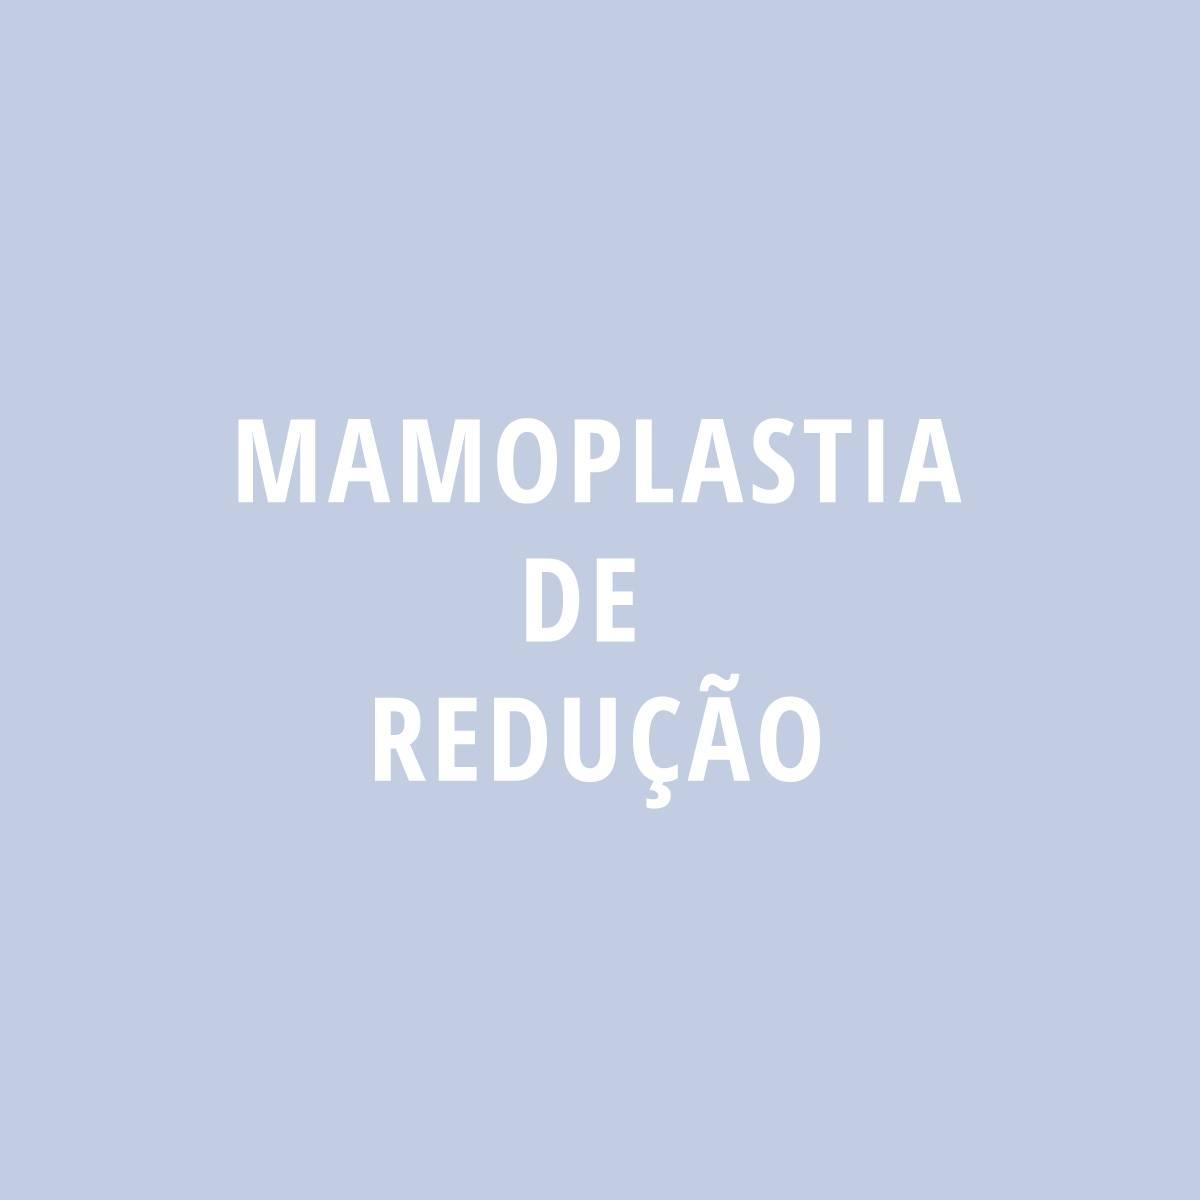 mamoplastia de reducao, cirurgia plástica coimbra